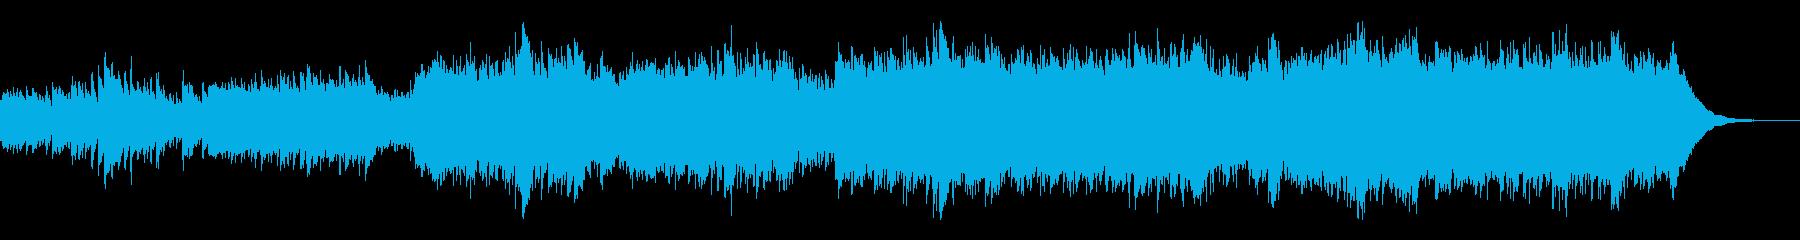 【企業VP】アコギのアンビエントなBGMの再生済みの波形